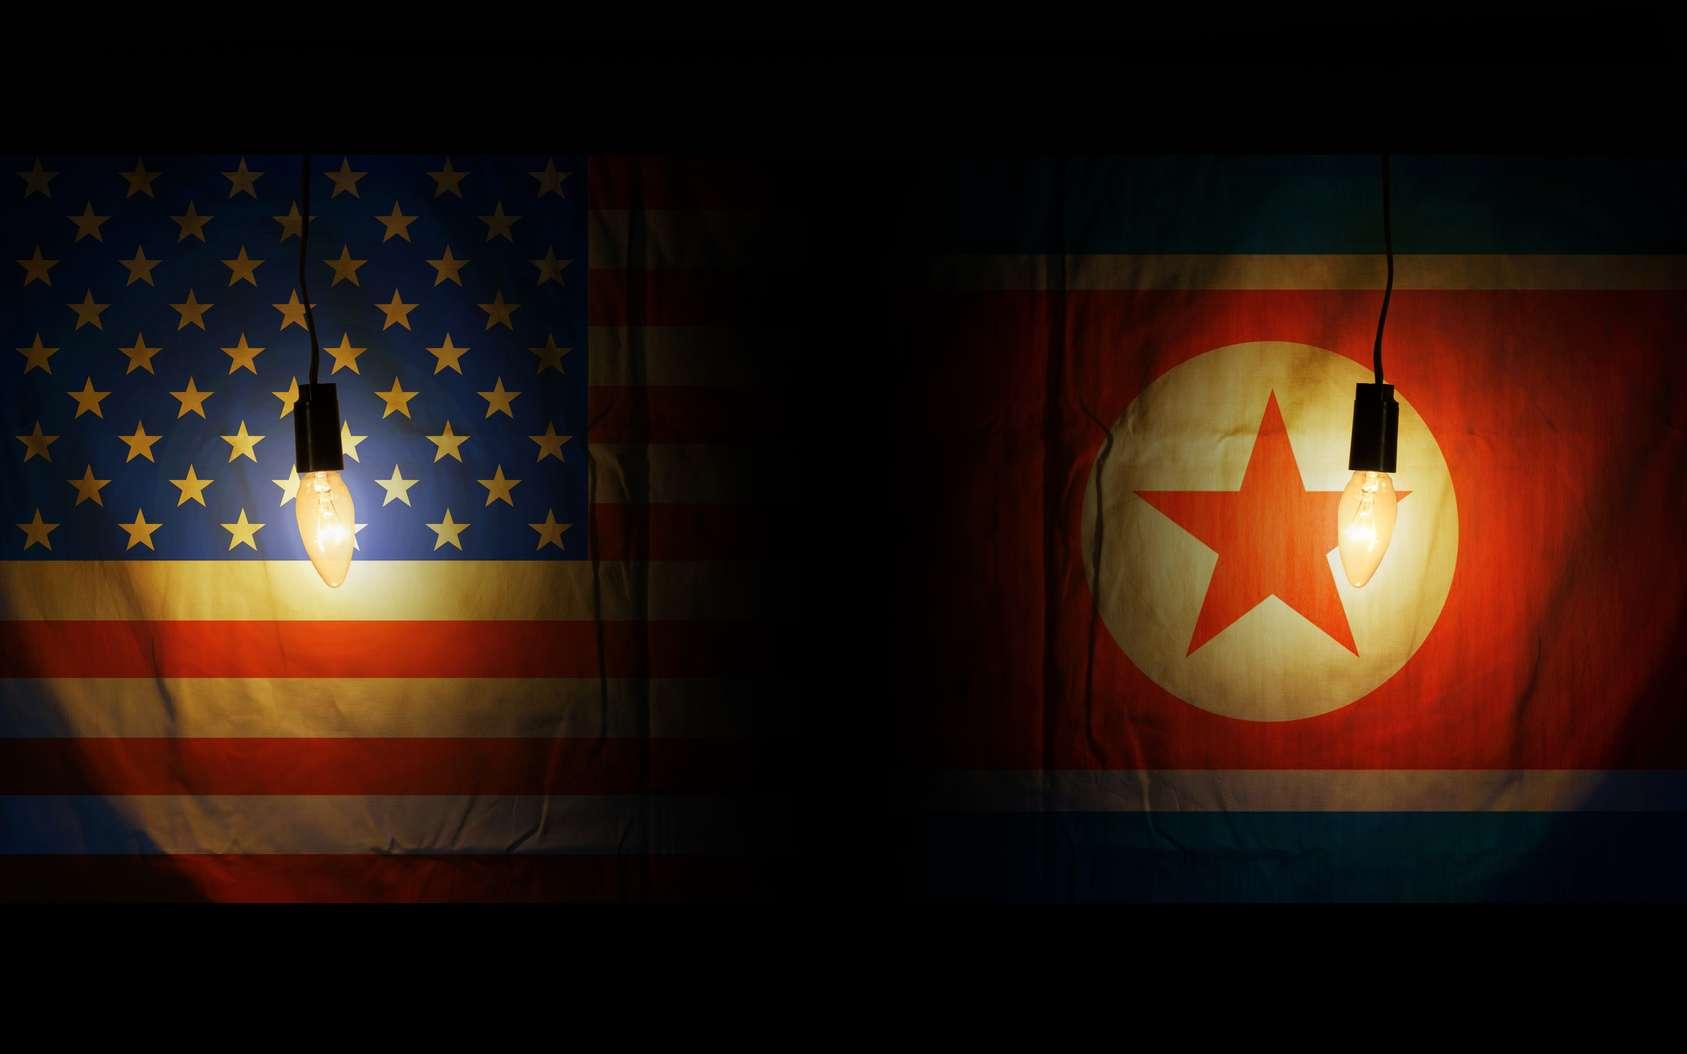 Aujourd'hui, la menace d'une guerre opposant de nouveau la Corée du Nord et ses alliés à la Corée du Sud n'est pas écartée. Les tensions sont vives entre les deux pays. © spyrakot, fotolia